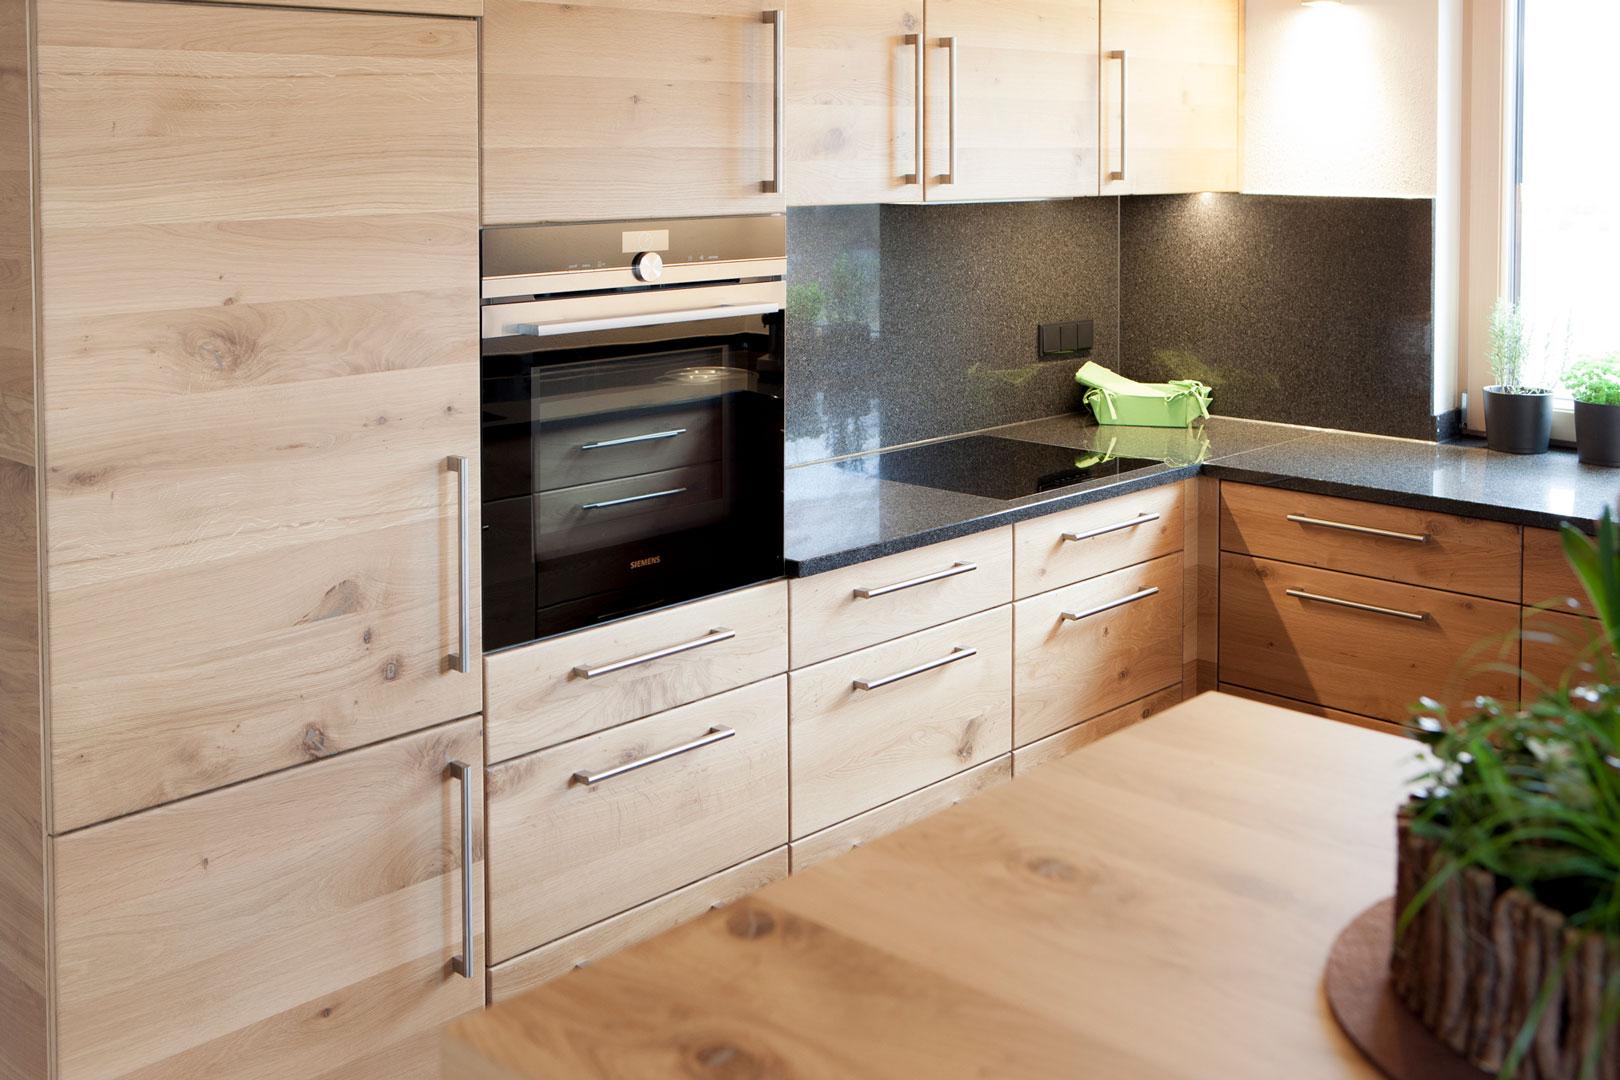 Küche - 1371 • Schreinerei Steinberger, Bubach ...